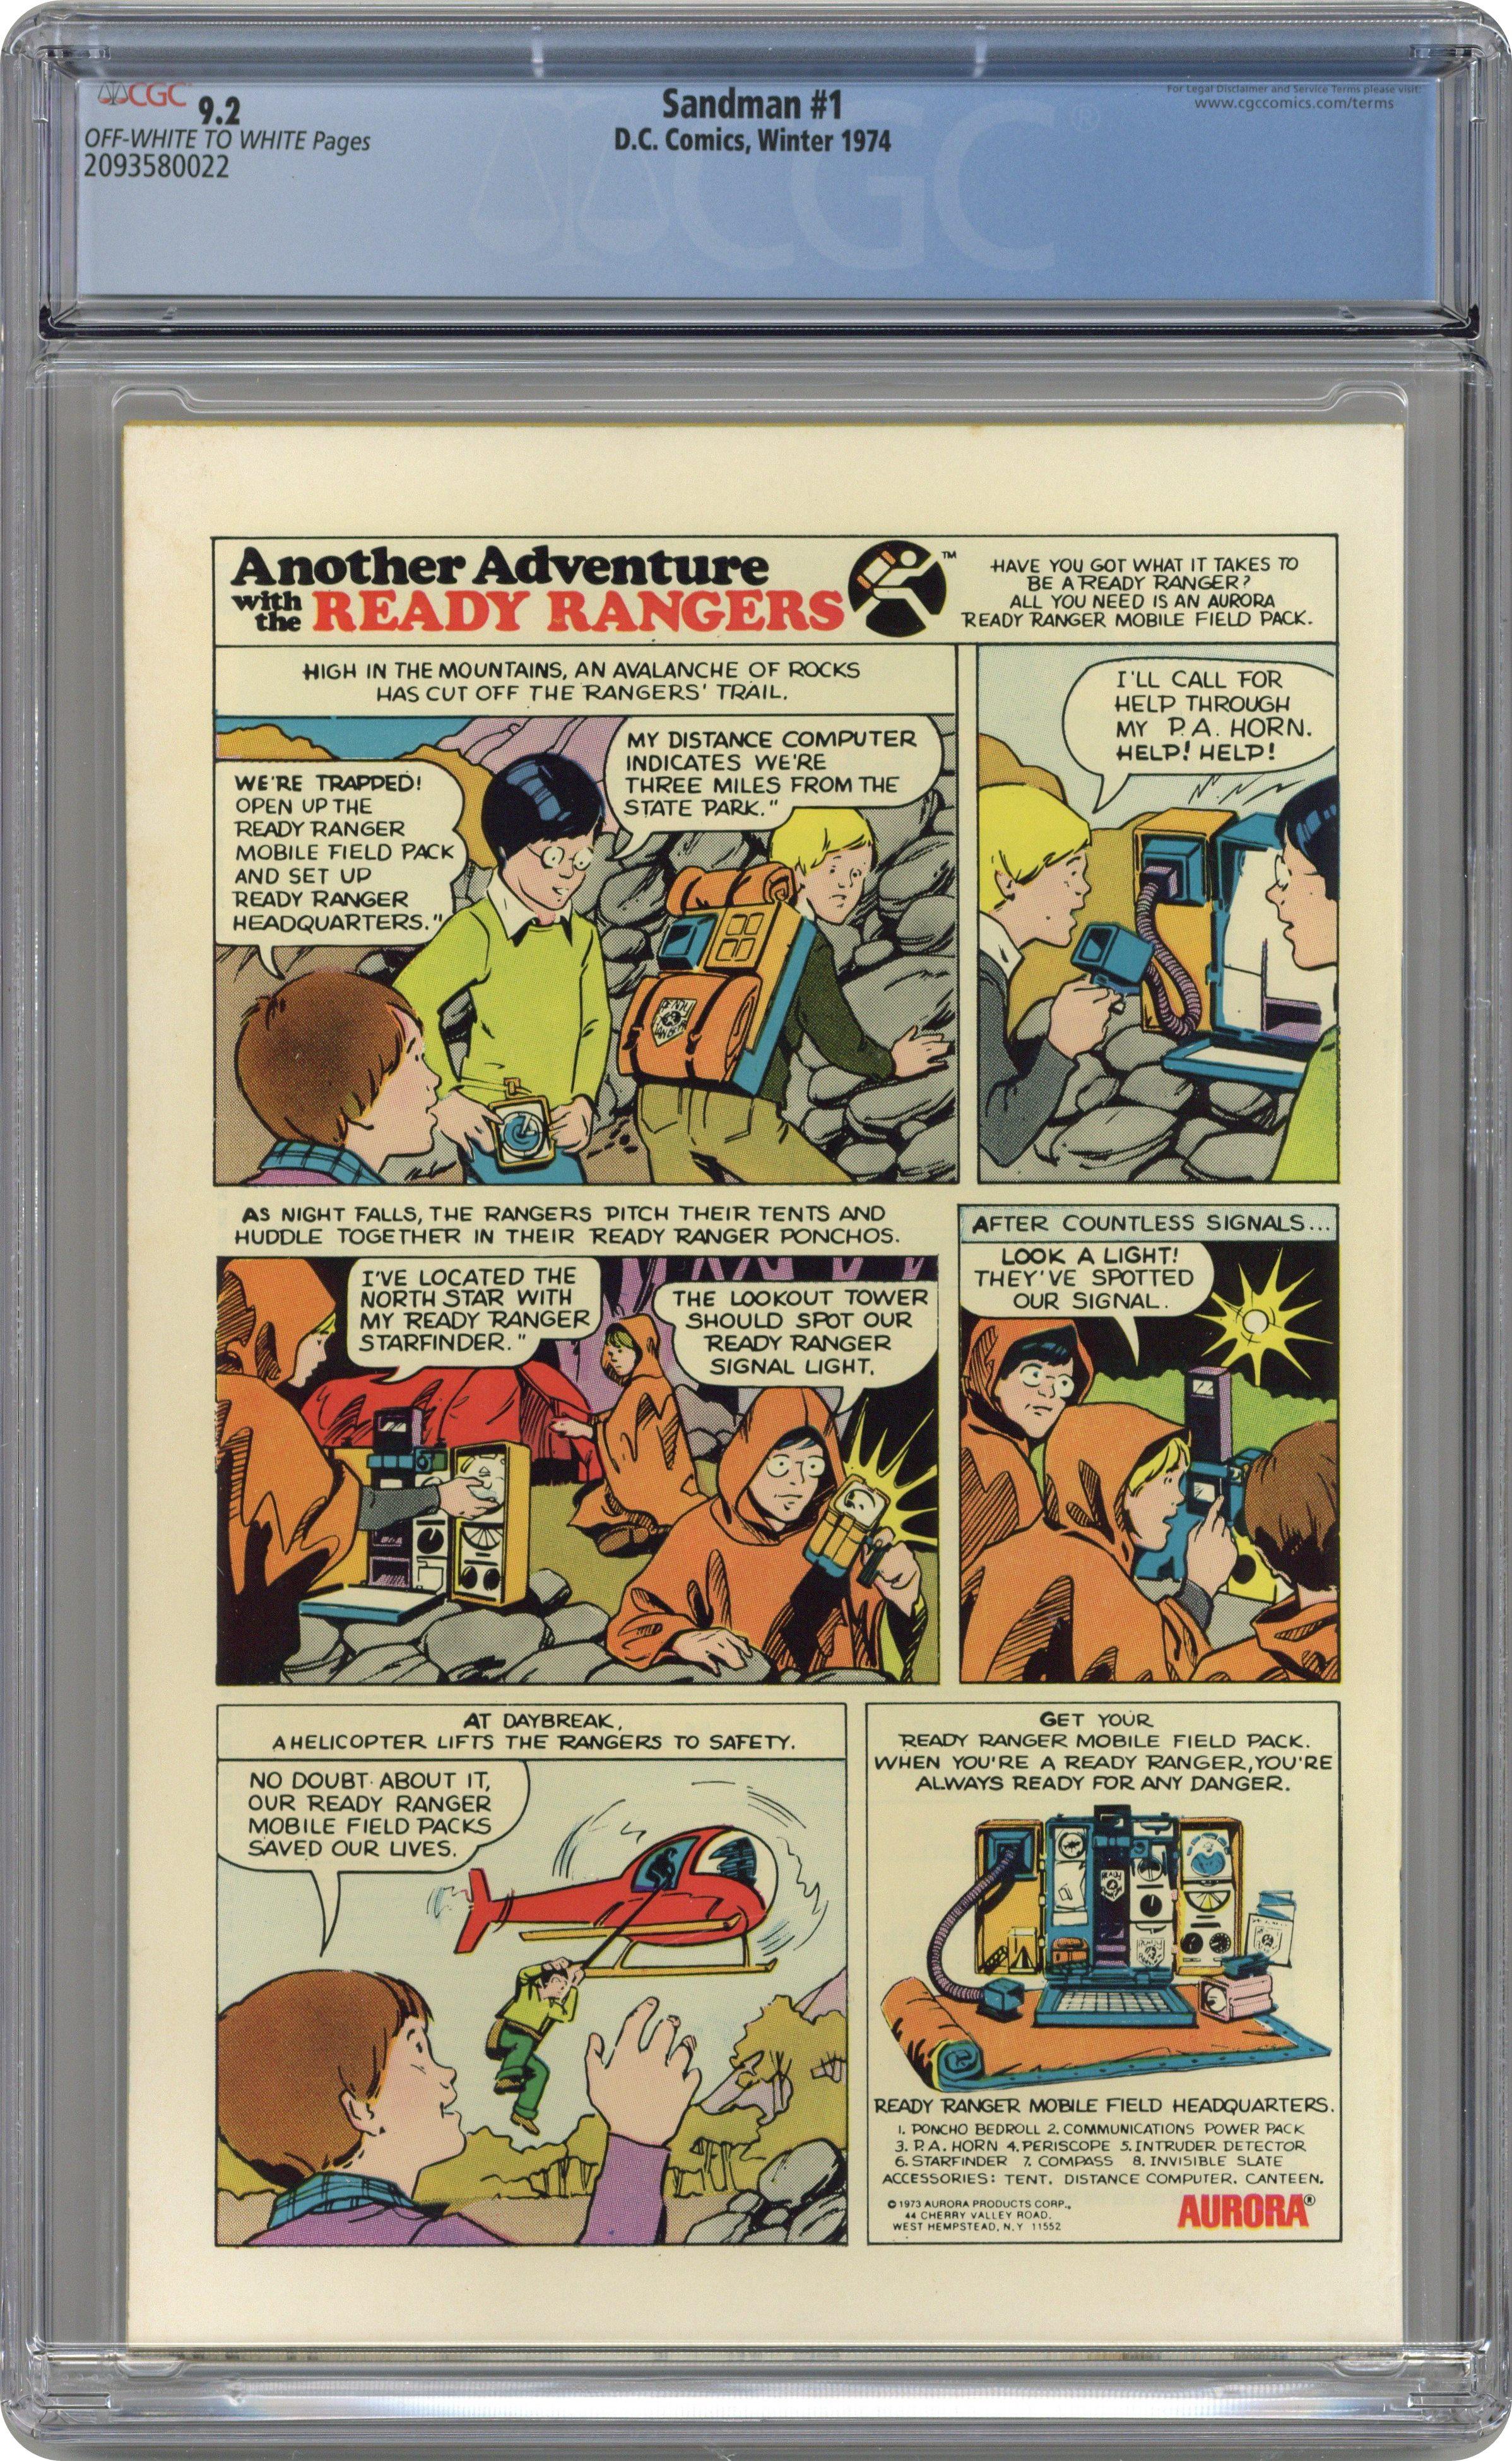 THE KINDLY ONES 2nd SERIES 1989 SANDMAN #68 VERY FINE DC VERTIGO